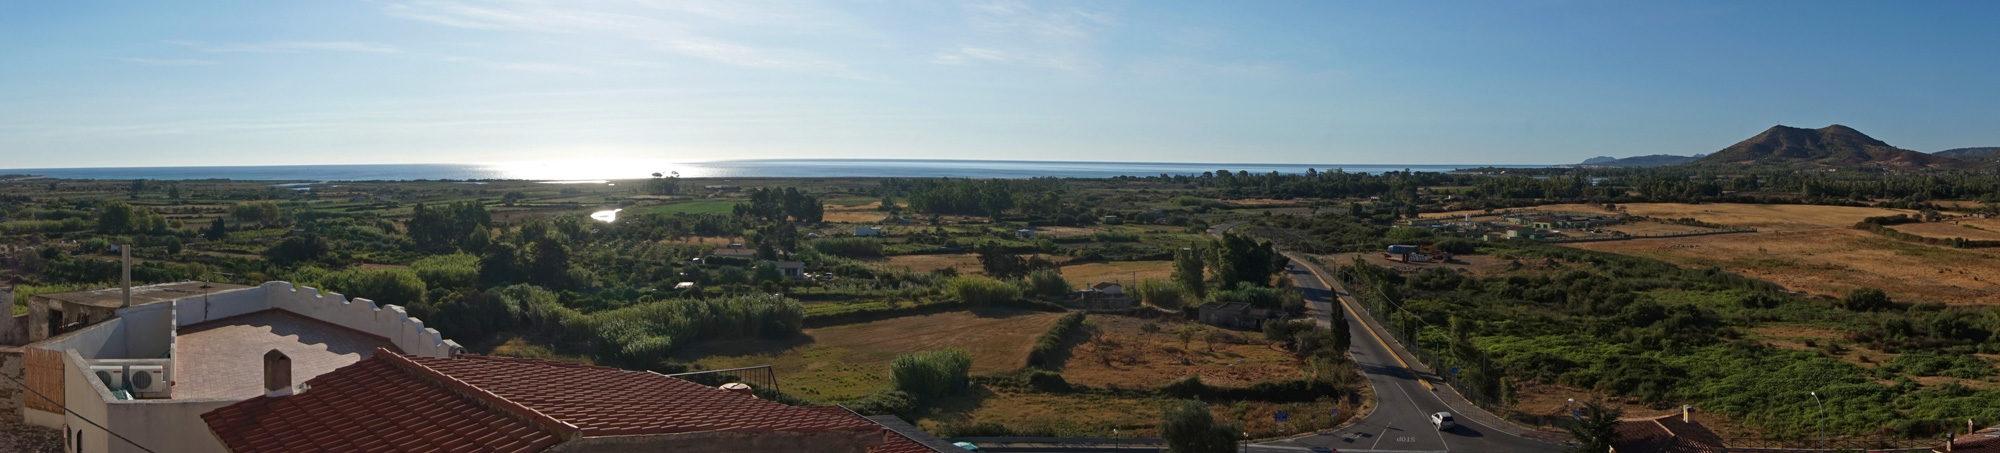 Über den Dächern von Posada - Blick über das Land